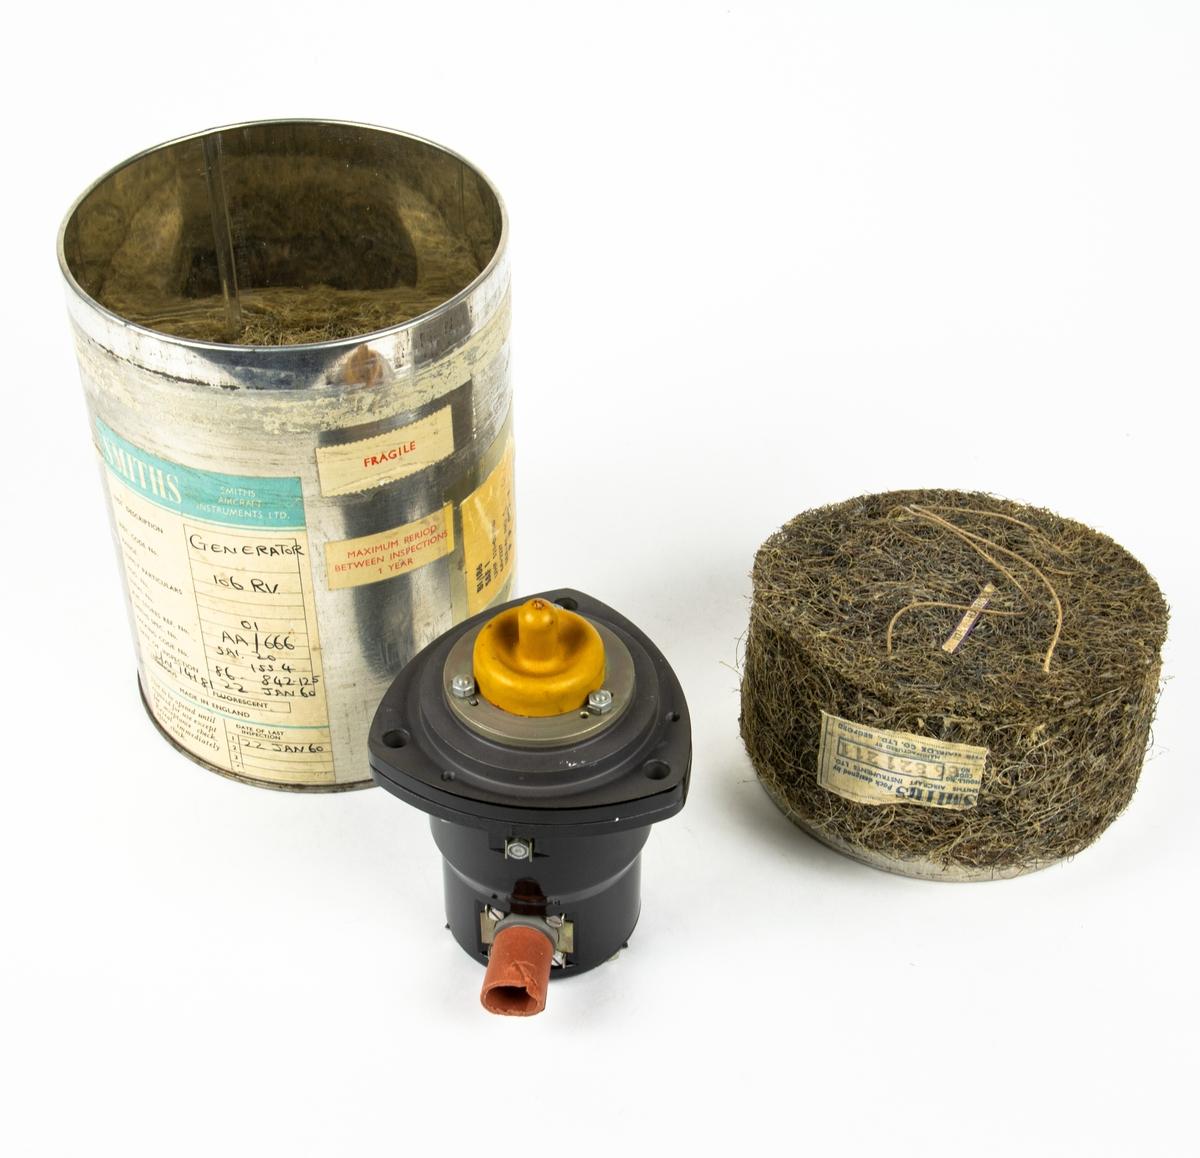 Varvräknargenerator Smiths 106RV. Oanvänd med originalförpackning och förseglingar. Generatorns hölje är gjort av svartmålat gjutgods, Drevet har kvar sitt transportskydd (gult gummi), liksom kabelgenomföringen (röd papp).  Förpackningen består av en cylindrisk plåtburk med etiketter. I burken finns förpackningsmaterial av formgjutet tagel, tillvekat av The Hairlok Co.